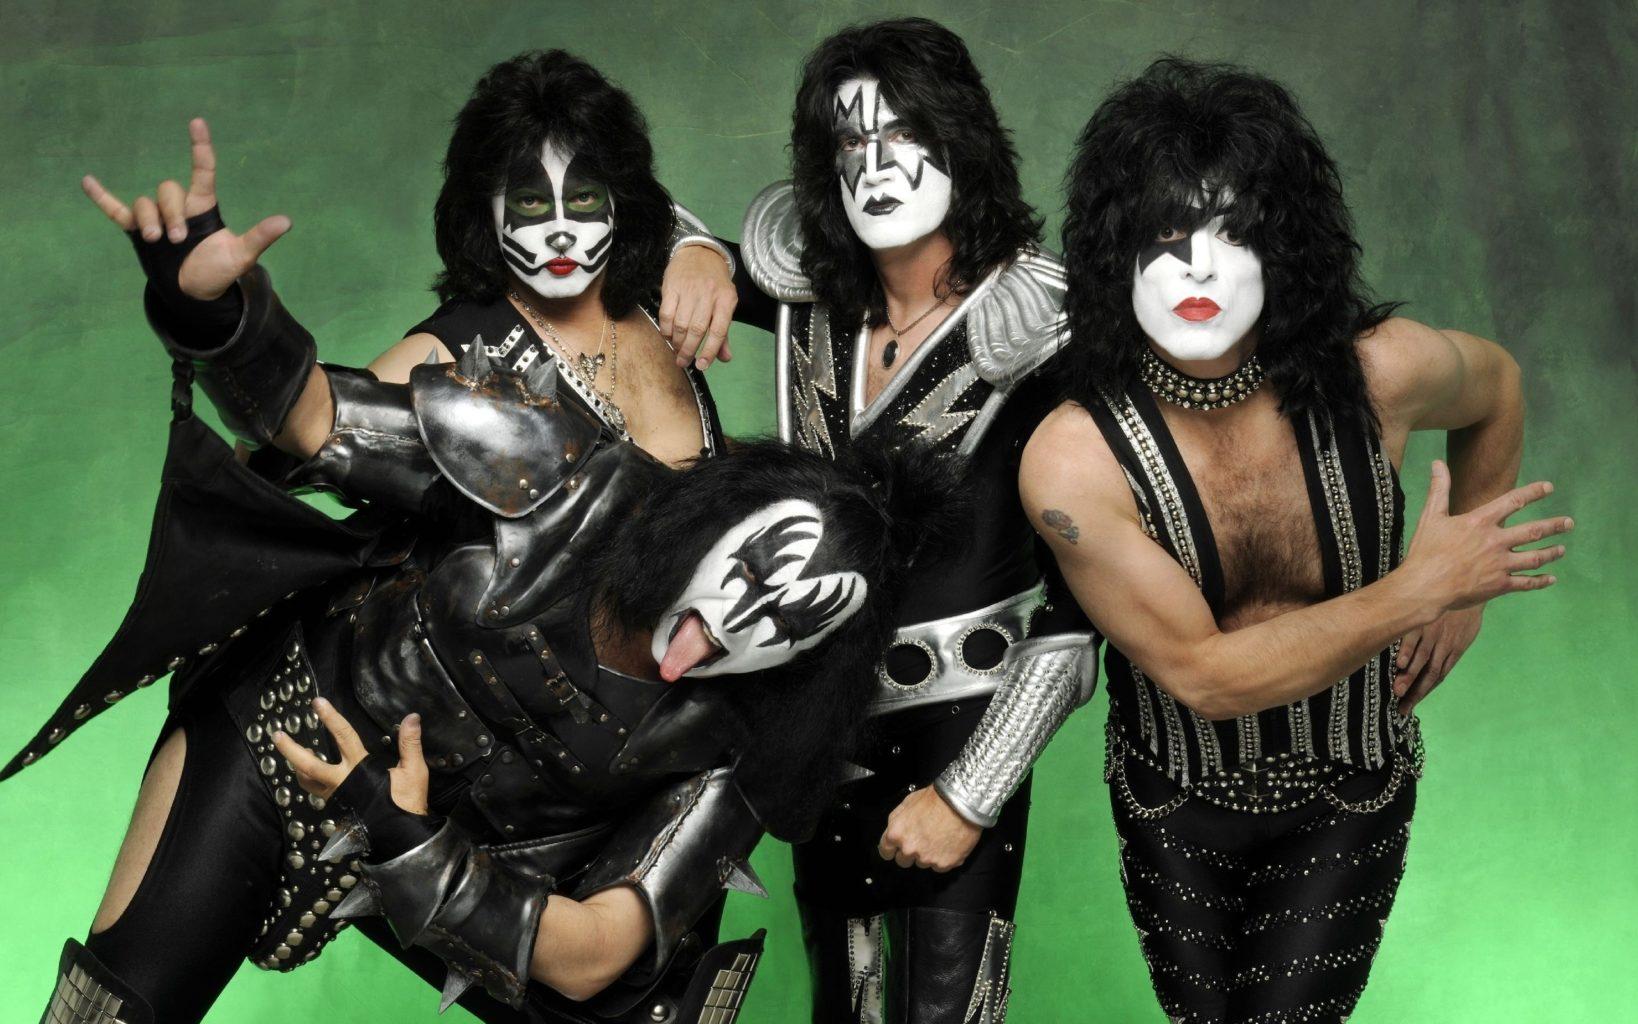 Группа Kiss даст концерт в океане: для 8 человек и стаи белых акул